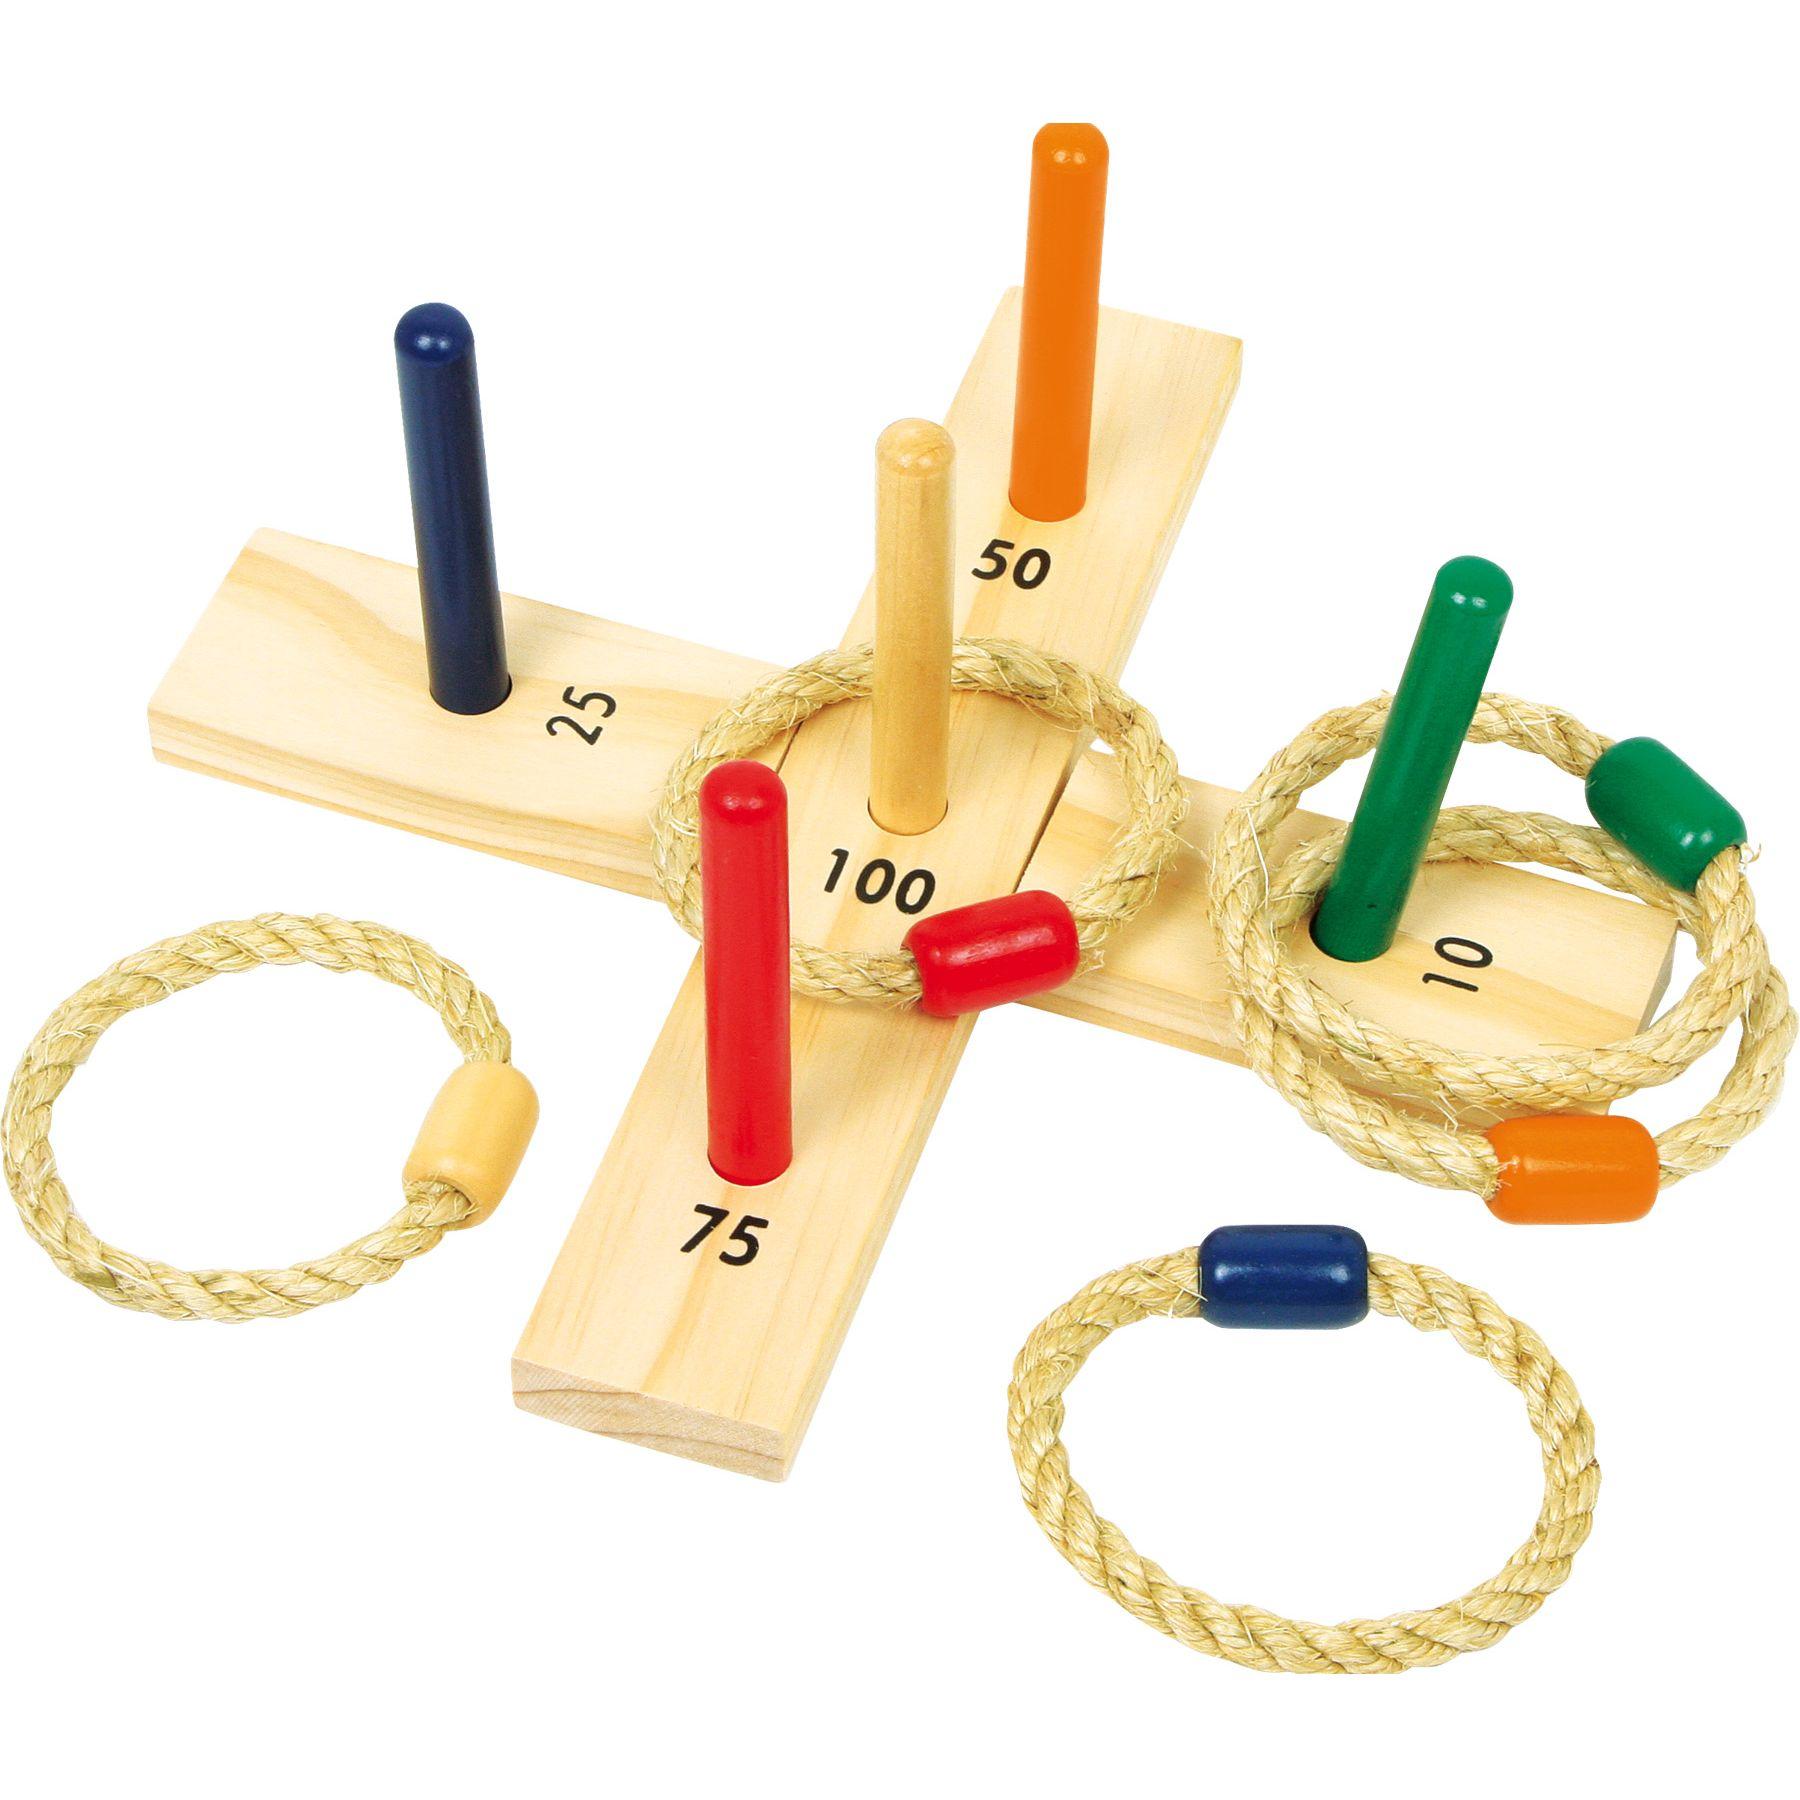 Jeux et Jouets Lelgler - Small foot Jeu de lancer d'anneaux